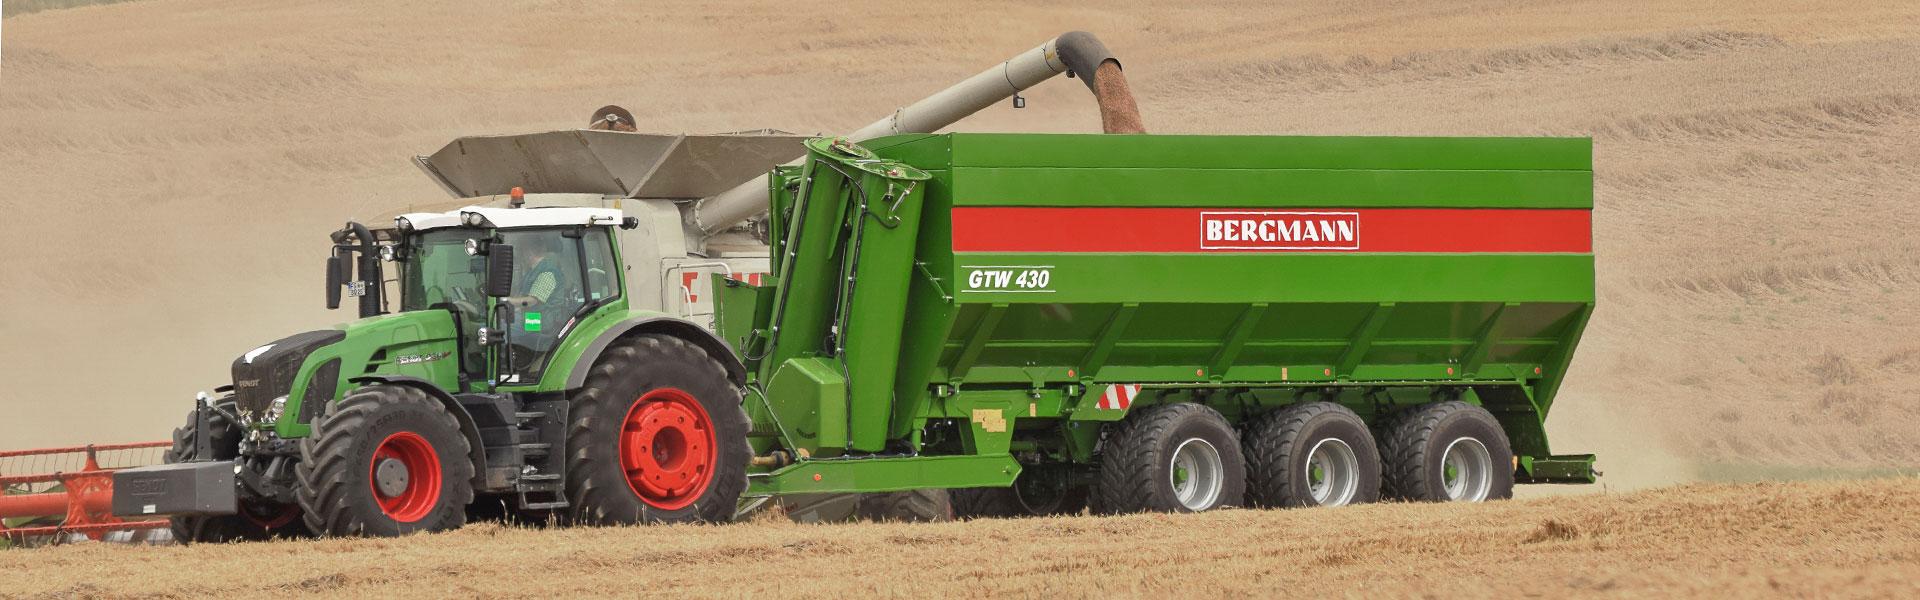 bergmann wheat harvest combine harvester unloading